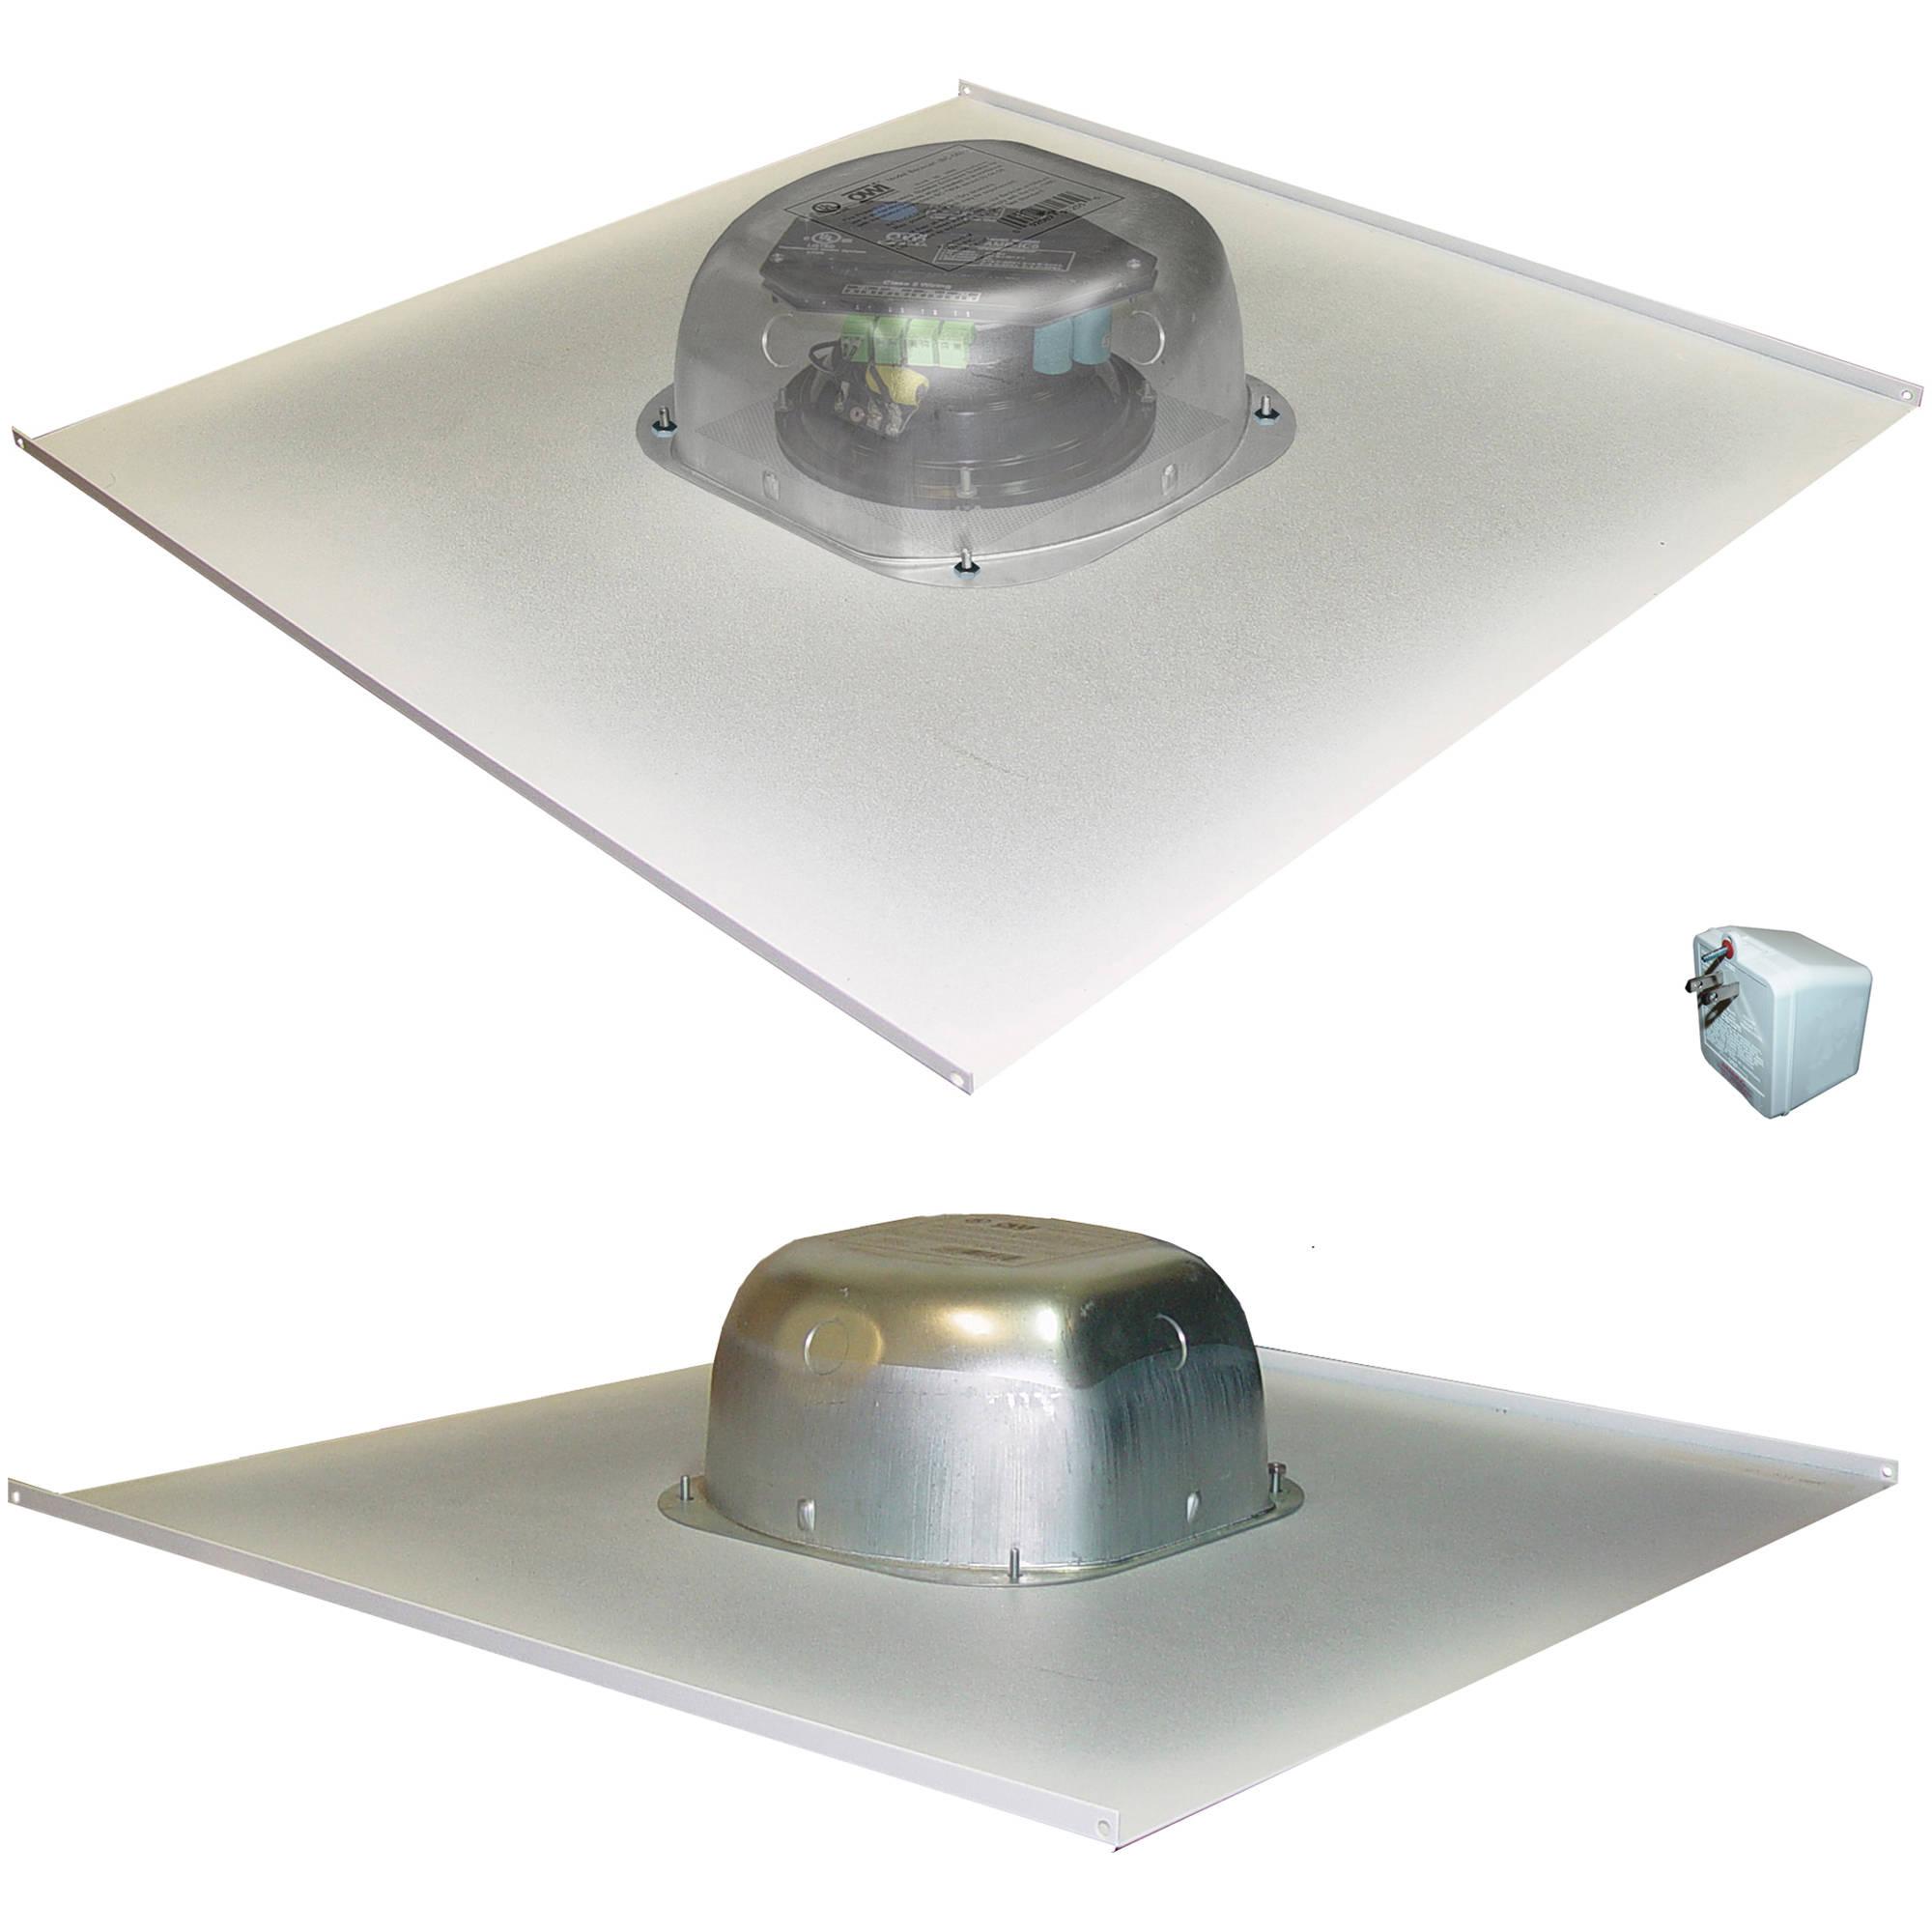 Speakers for ceiling tiles